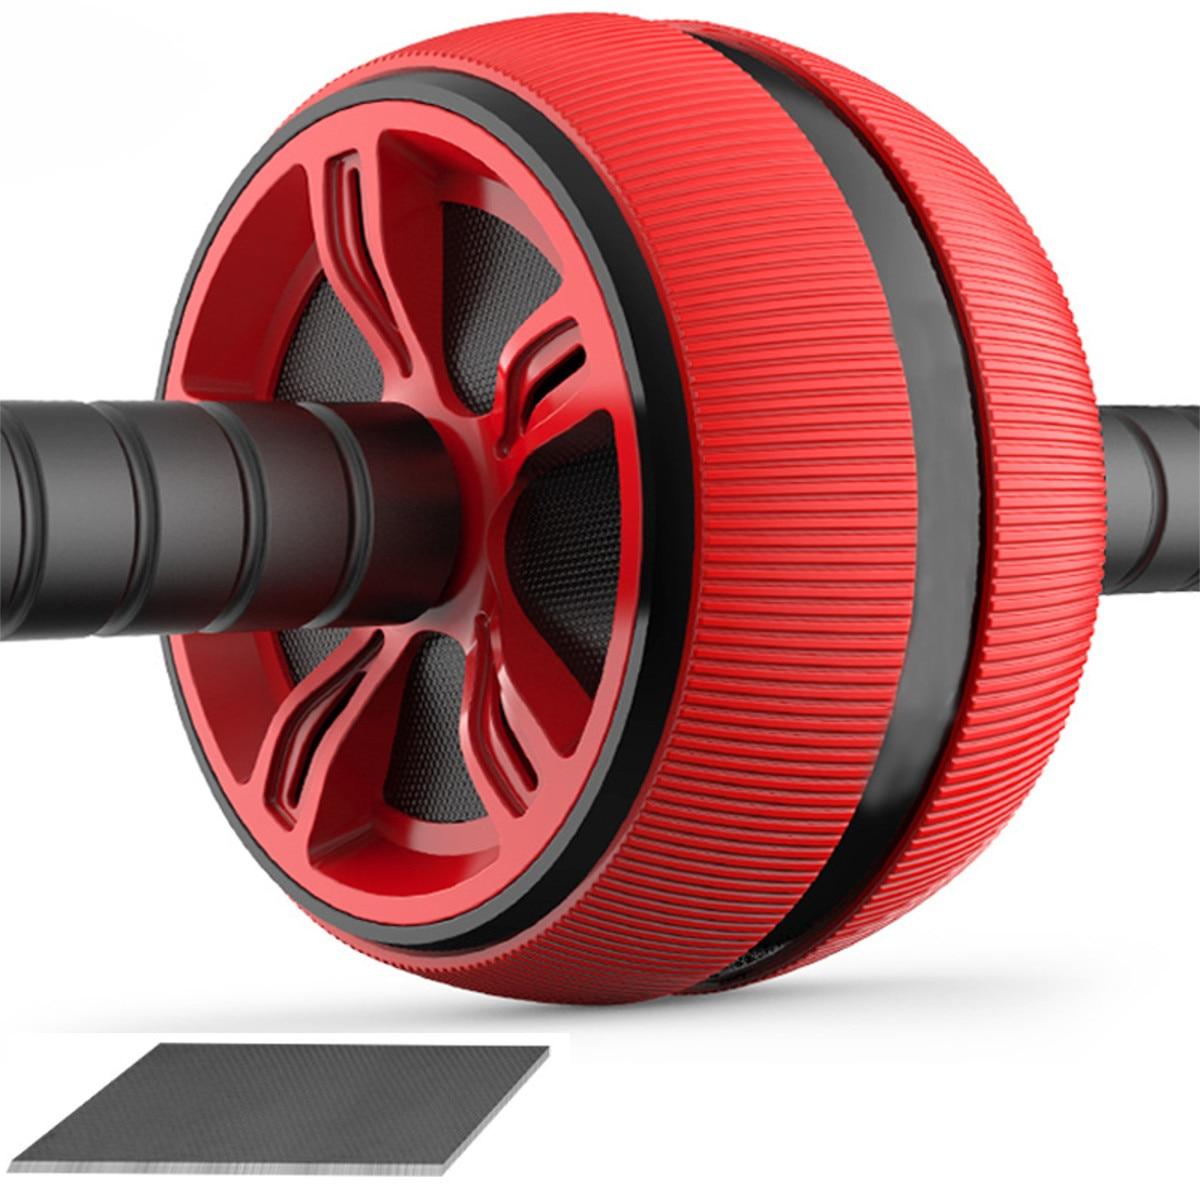 Abs Rolo Abdominal Exercício Roda Equipamentos De Fitness Mudo Rolo Para Os Braços Volta Barriga Núcleo Trainer Corpo Forma Treinamento Suprimentos